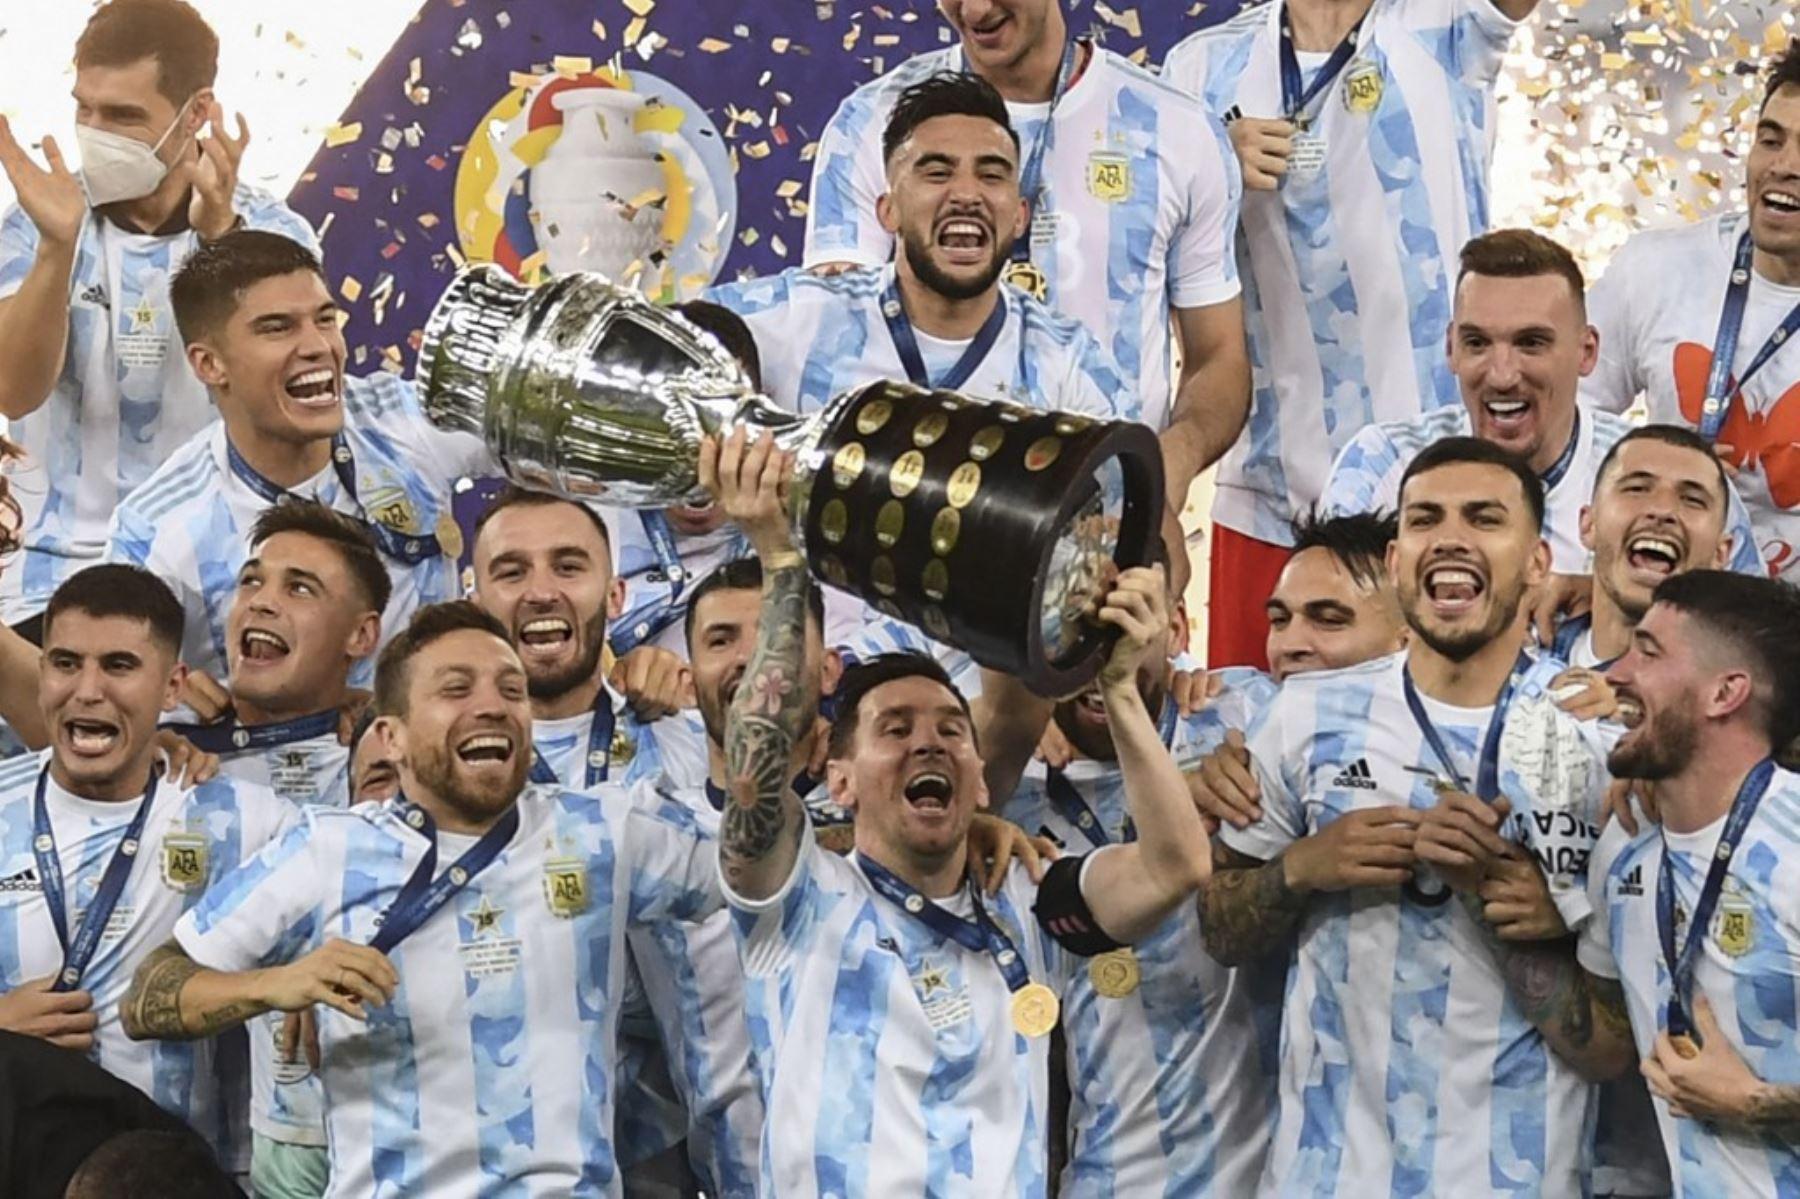 La coronación de Messi con Argentina acapara las portadas de la prensa mundial